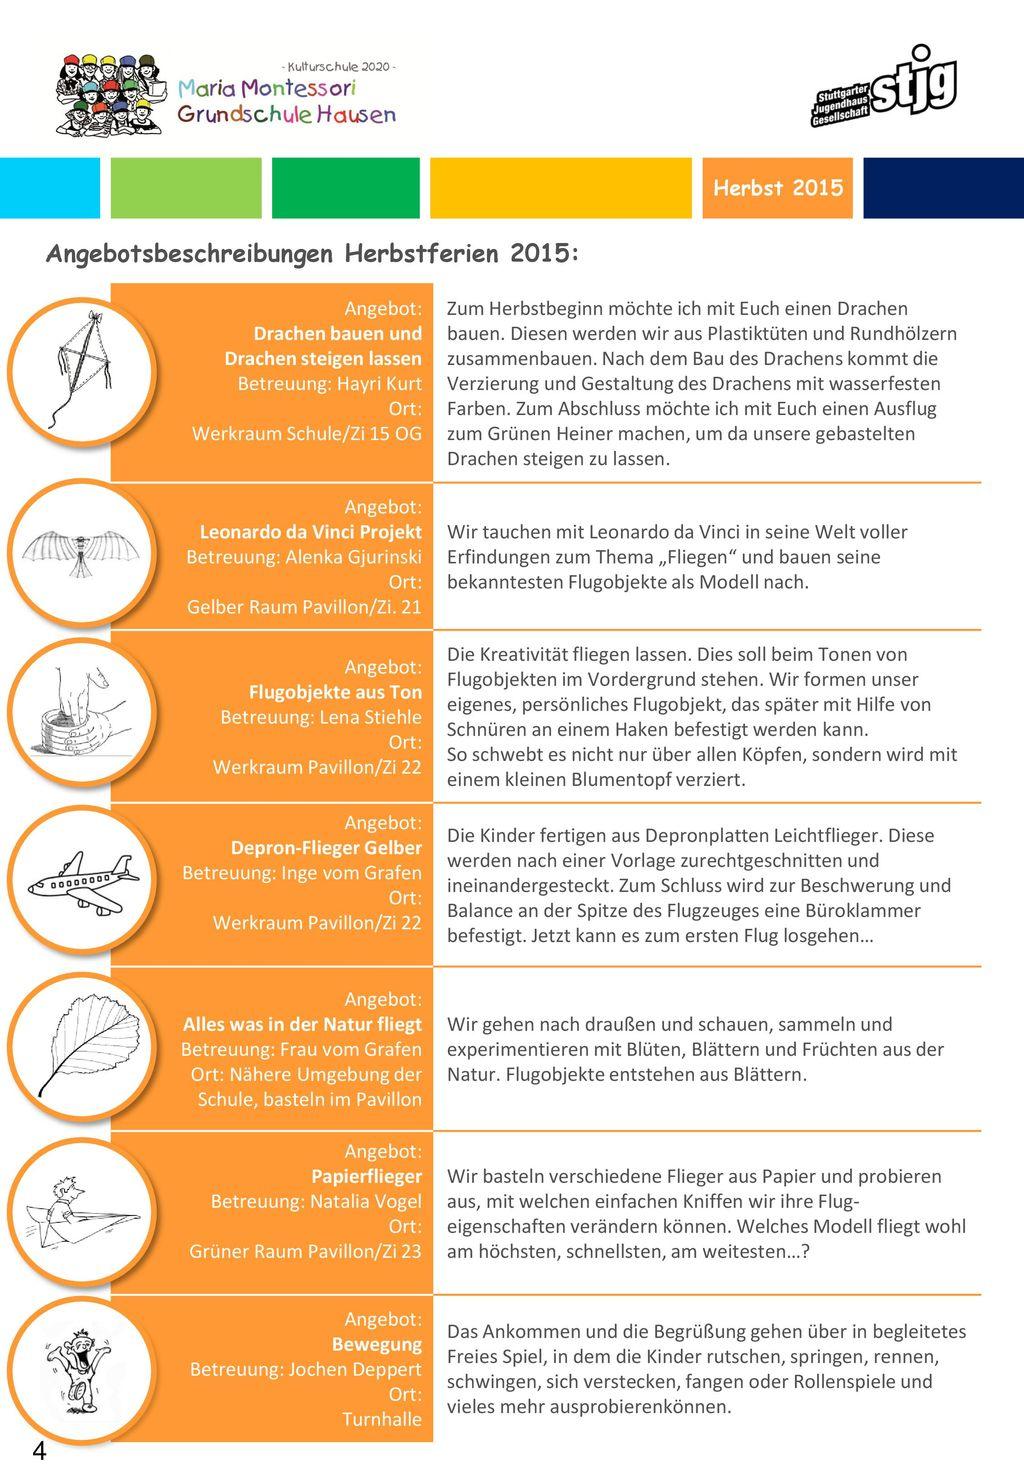 4 Angebotsbeschreibungen Herbstferien 2015: Herbst 2015